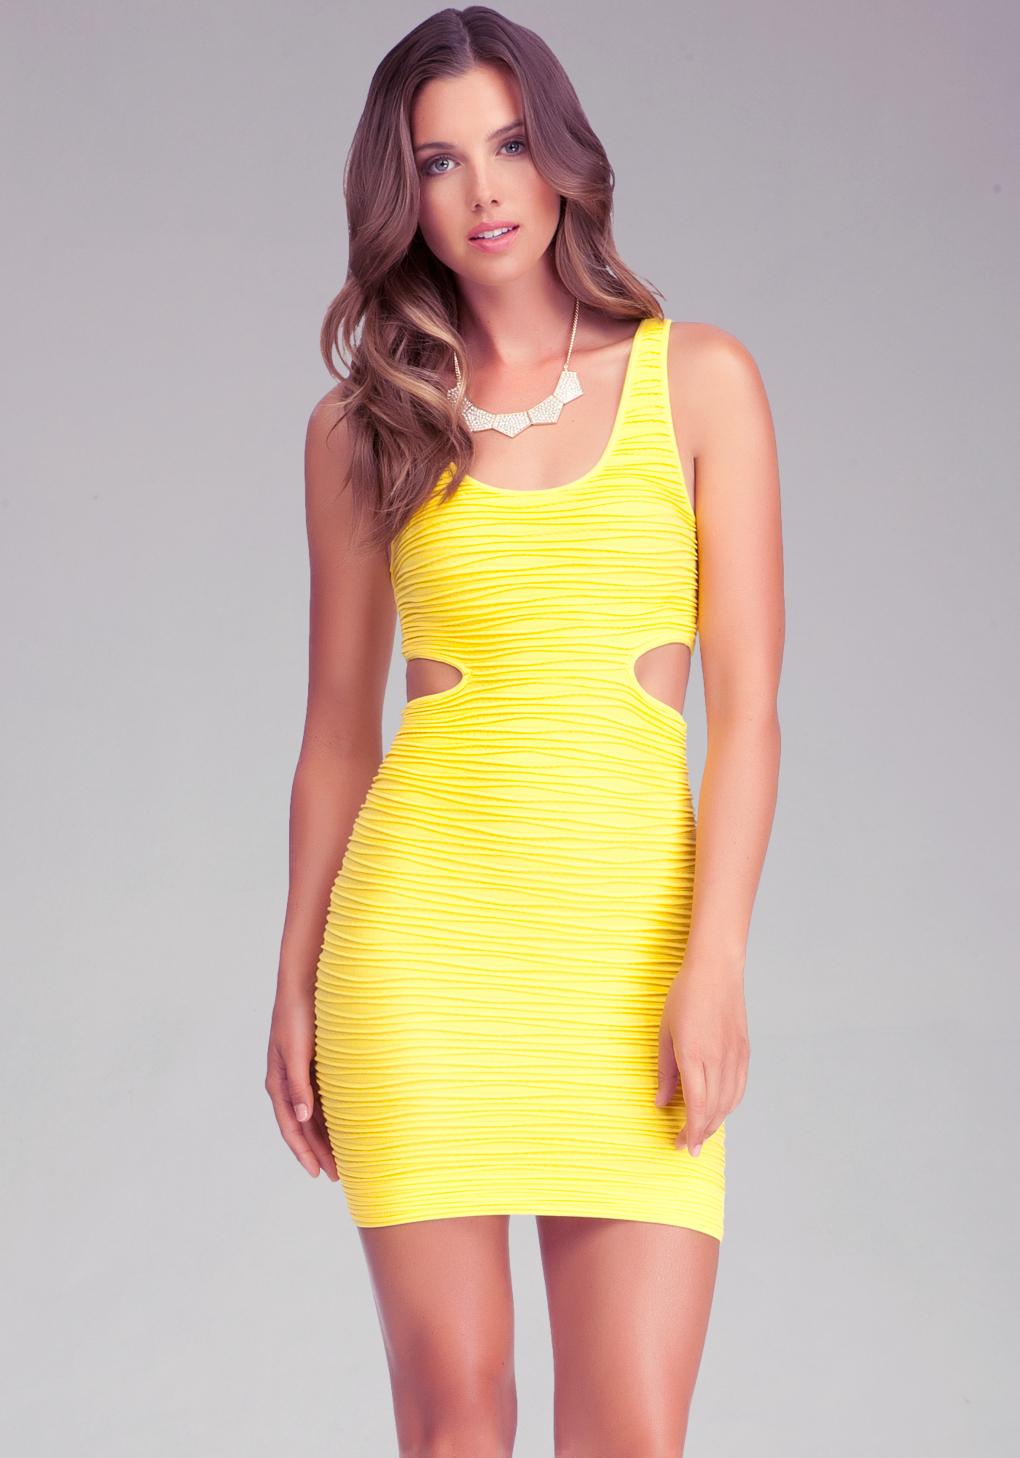 Bebe Side Cutout Bodycon Tank Dress In Dandelion Yellow